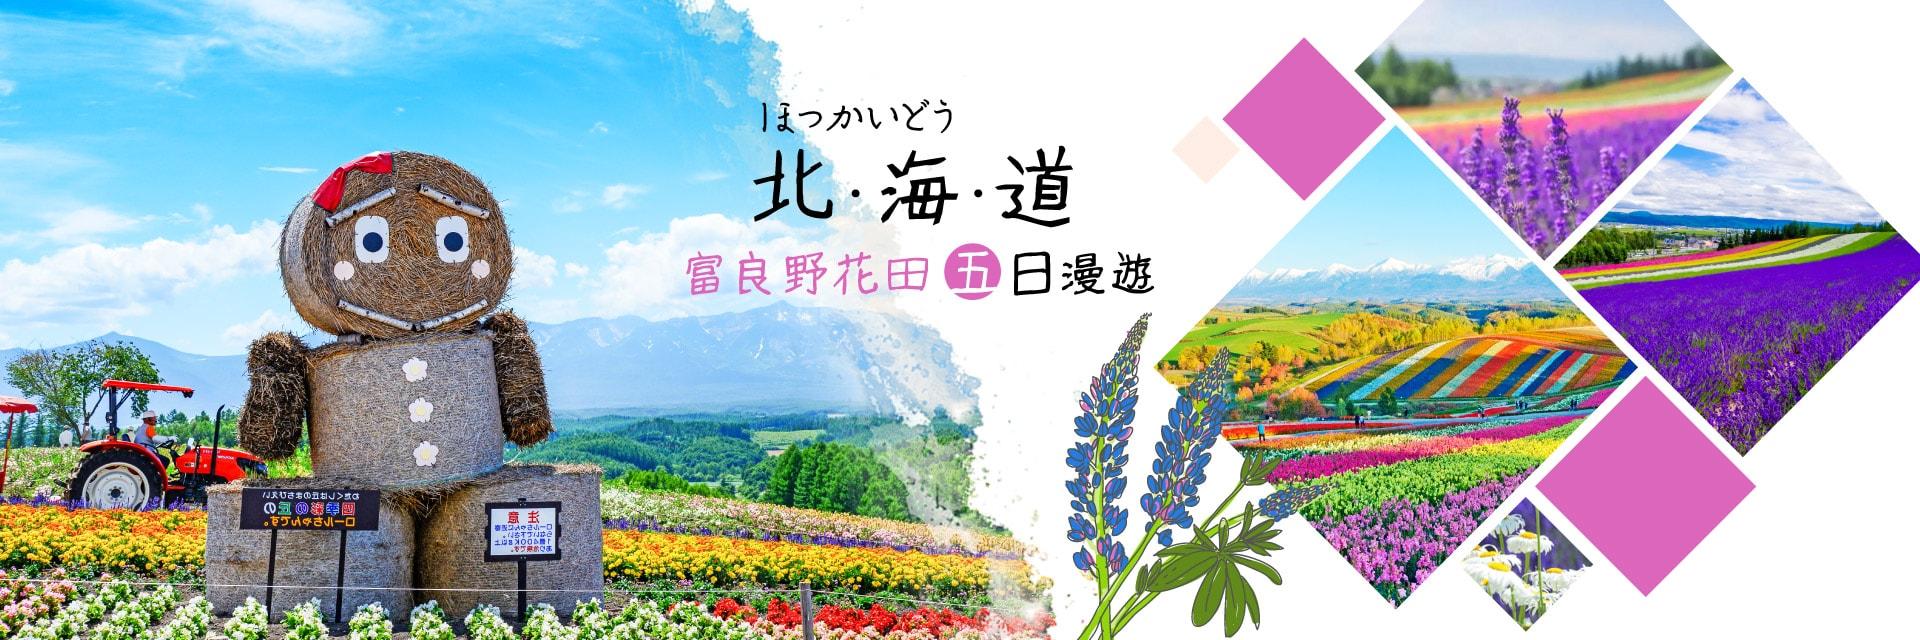 上順旅行社、日本旅遊、北海道、彩虹花田